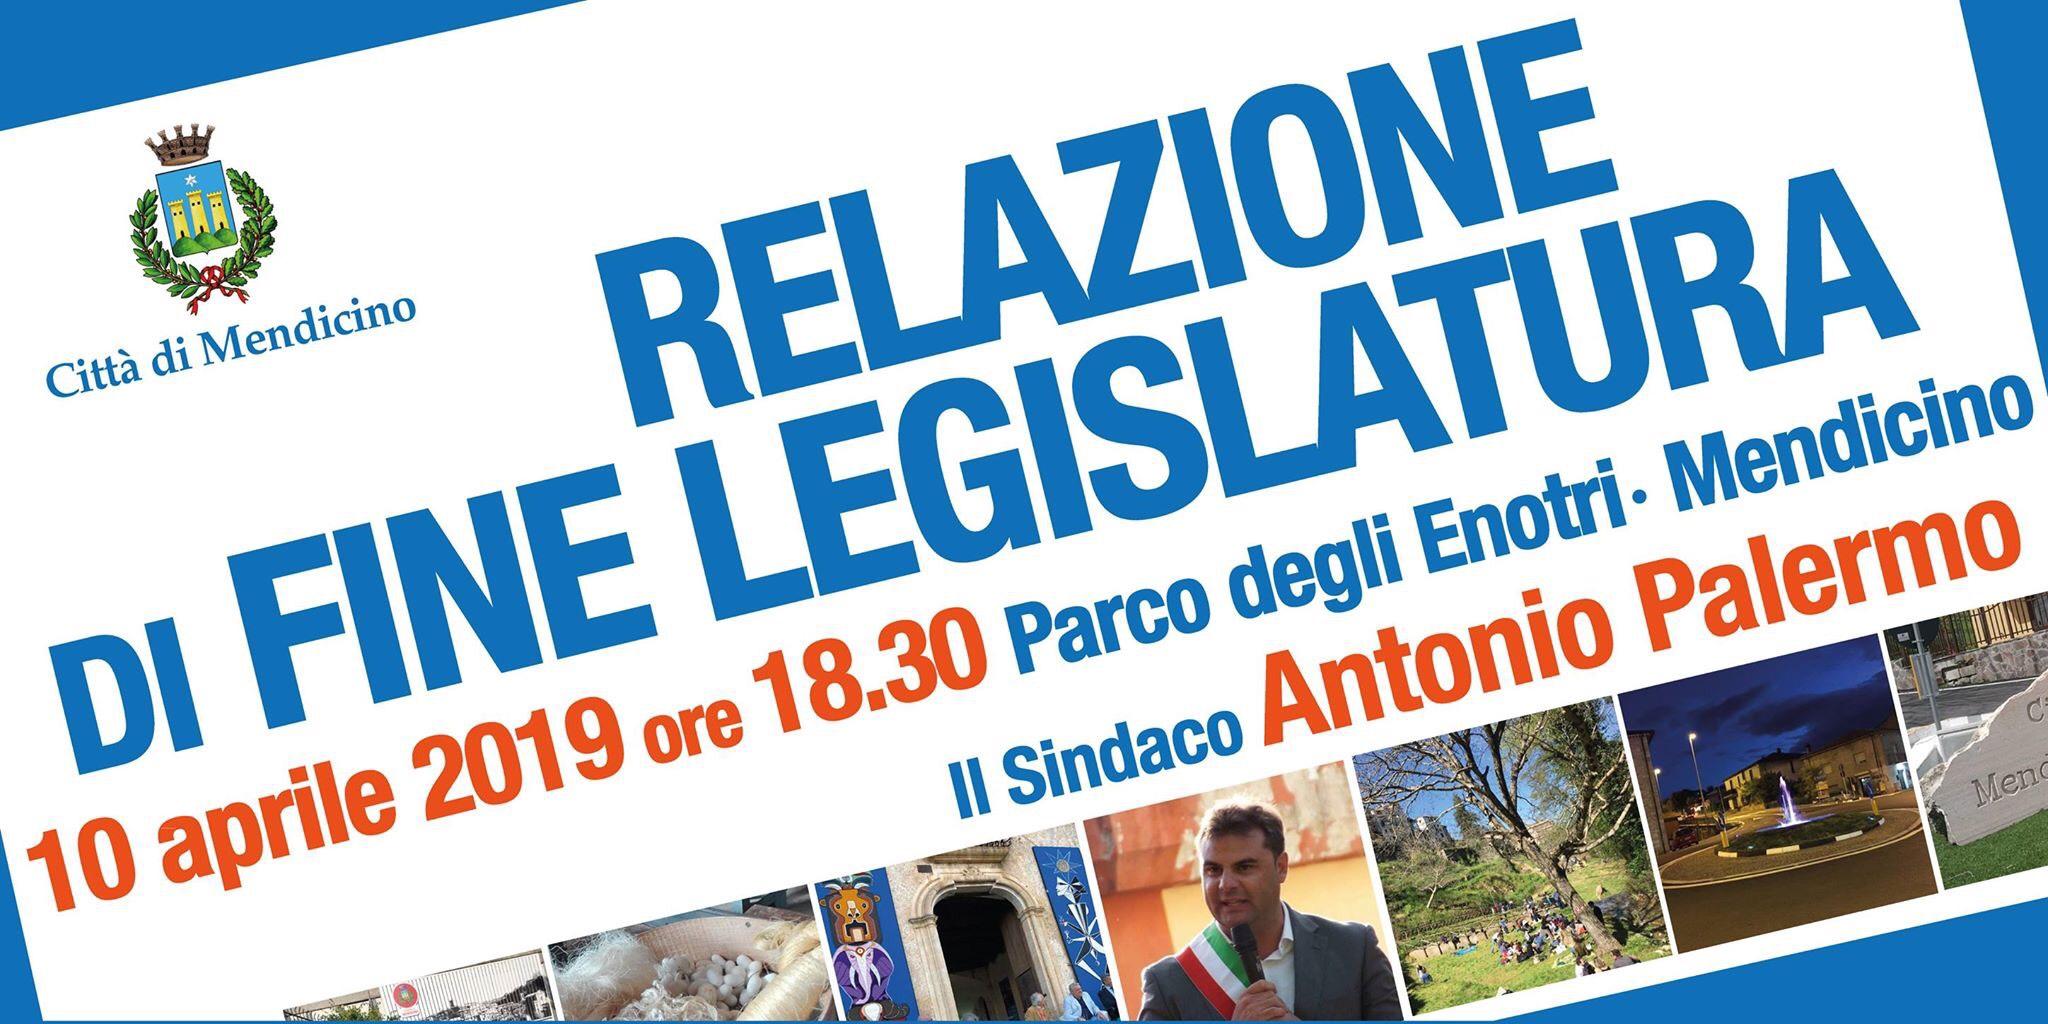 La propaganda di Palermo a spese dei cittadini